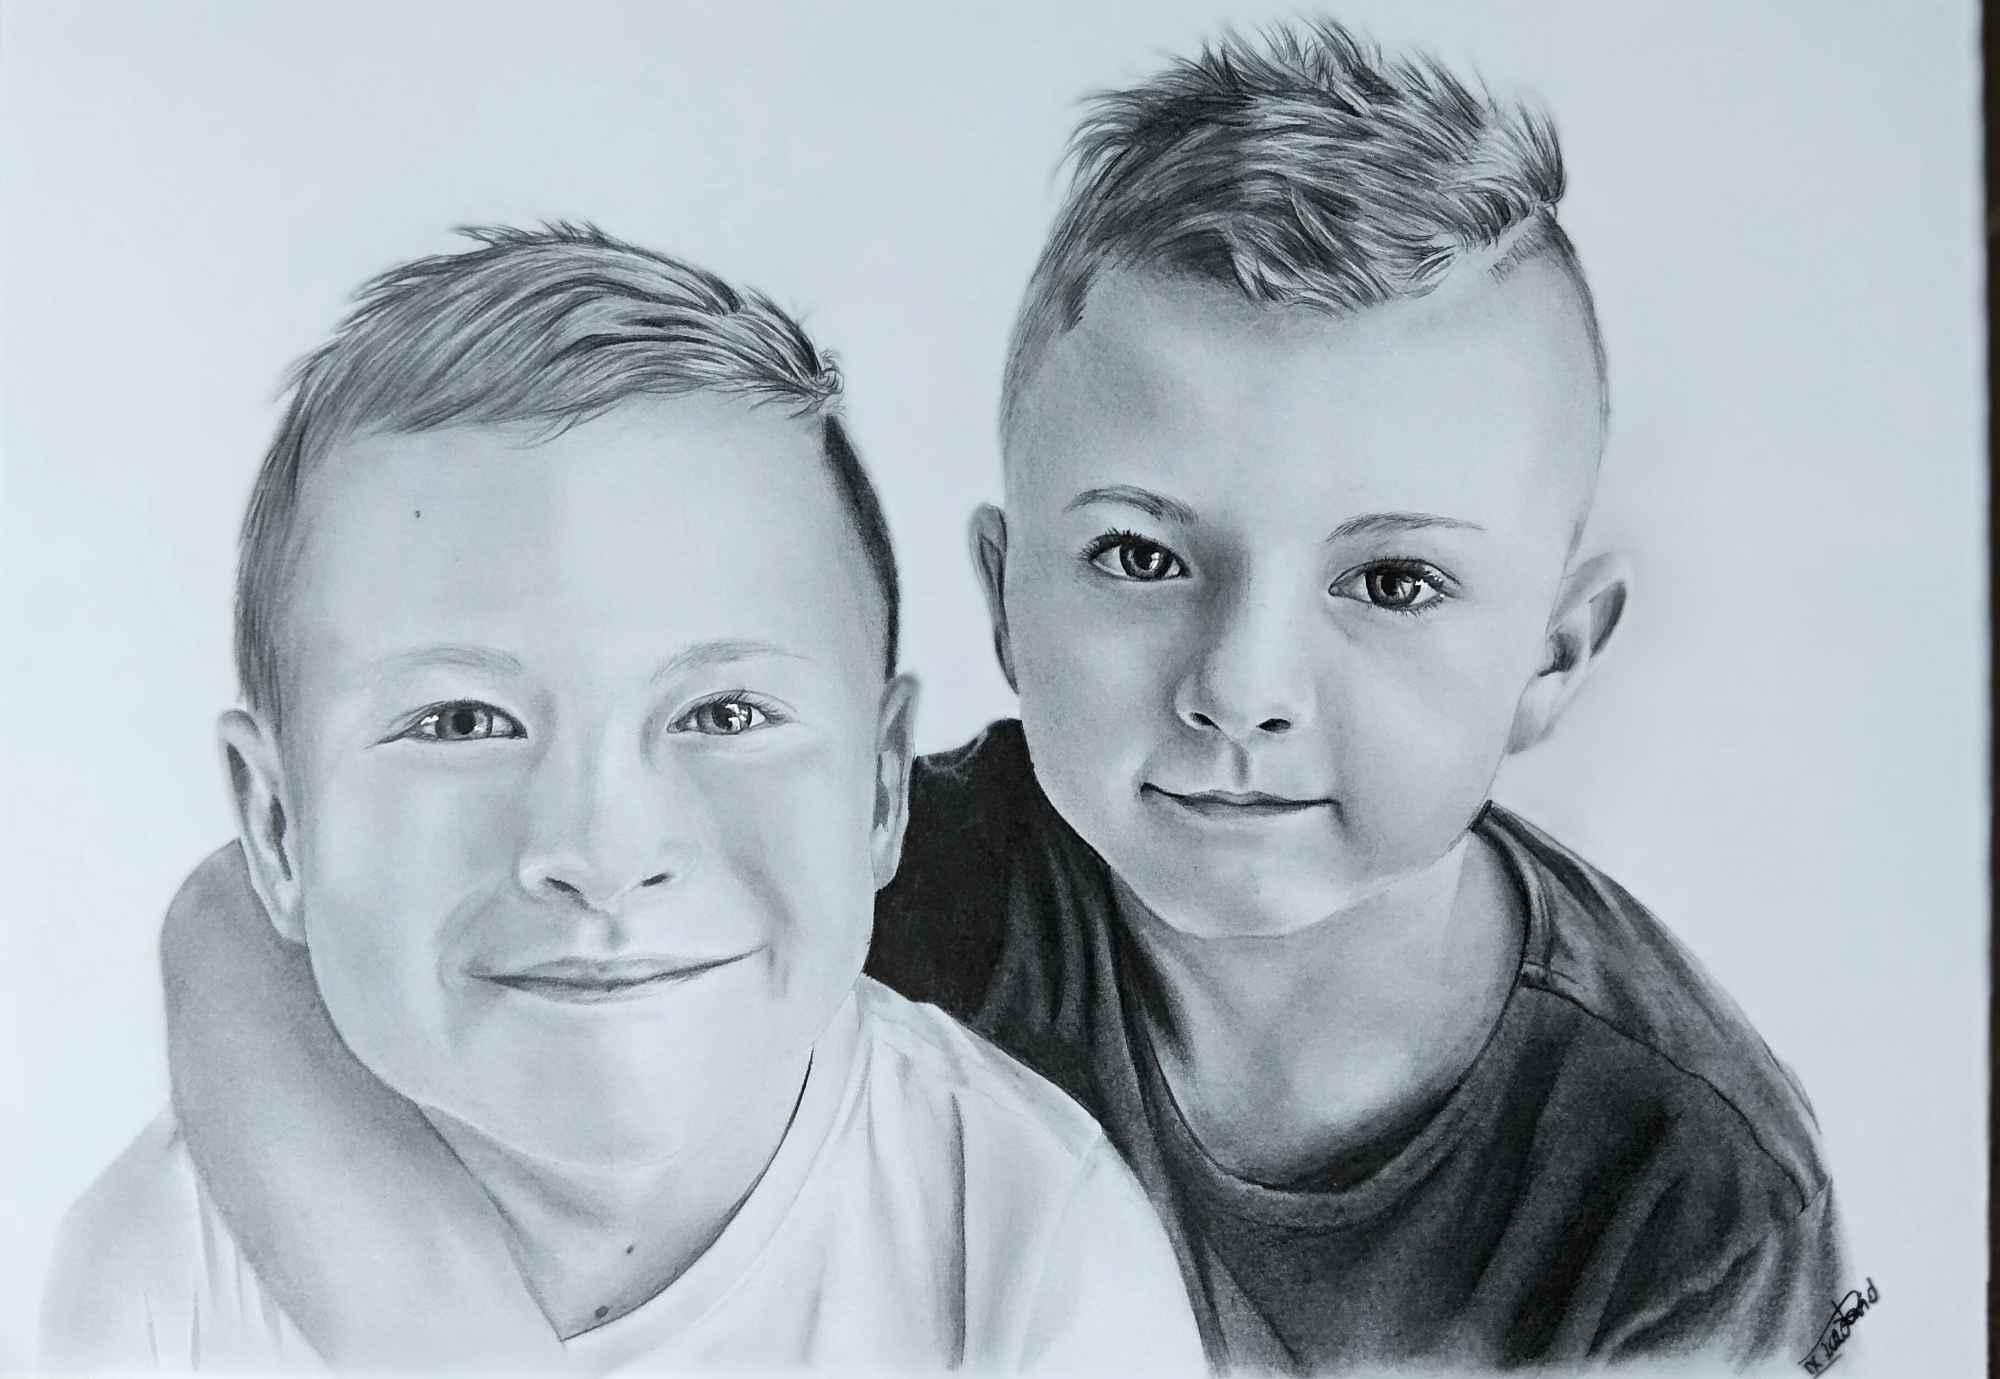 Portrety ze zdjęć na zamówienie format A4 Bukowsko - zdjęcie 3